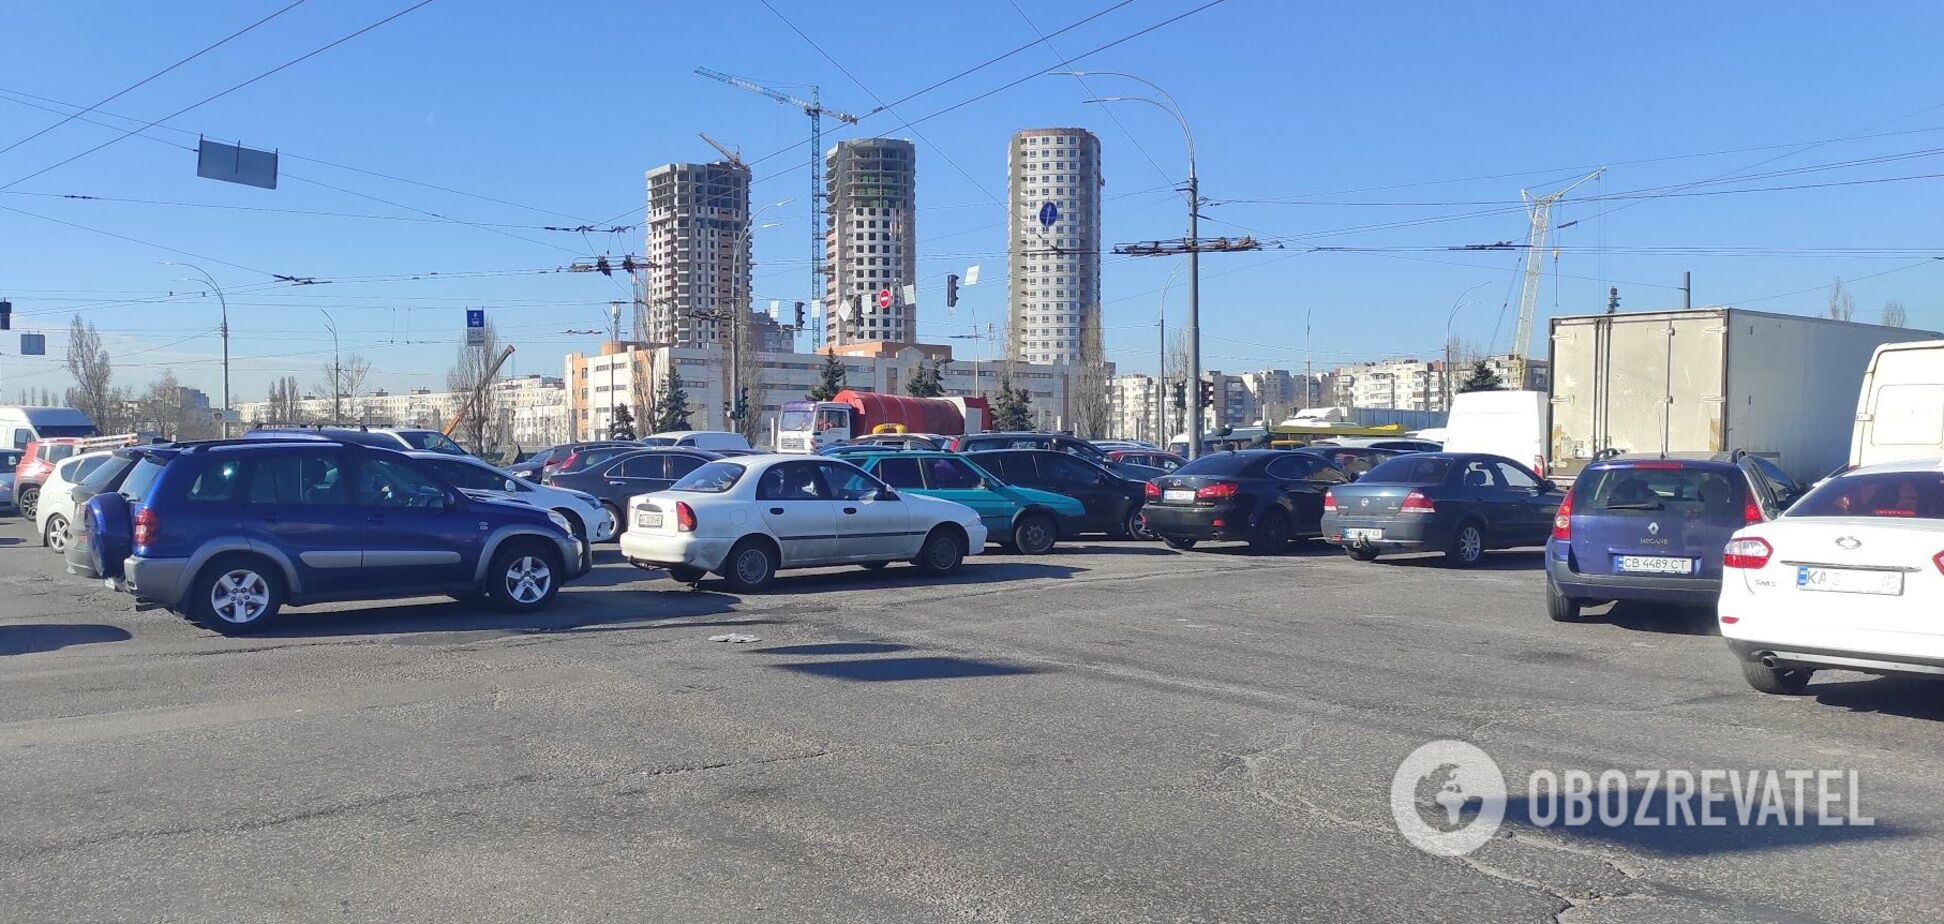 На основних магістралях міста ускладнено рух транспорту